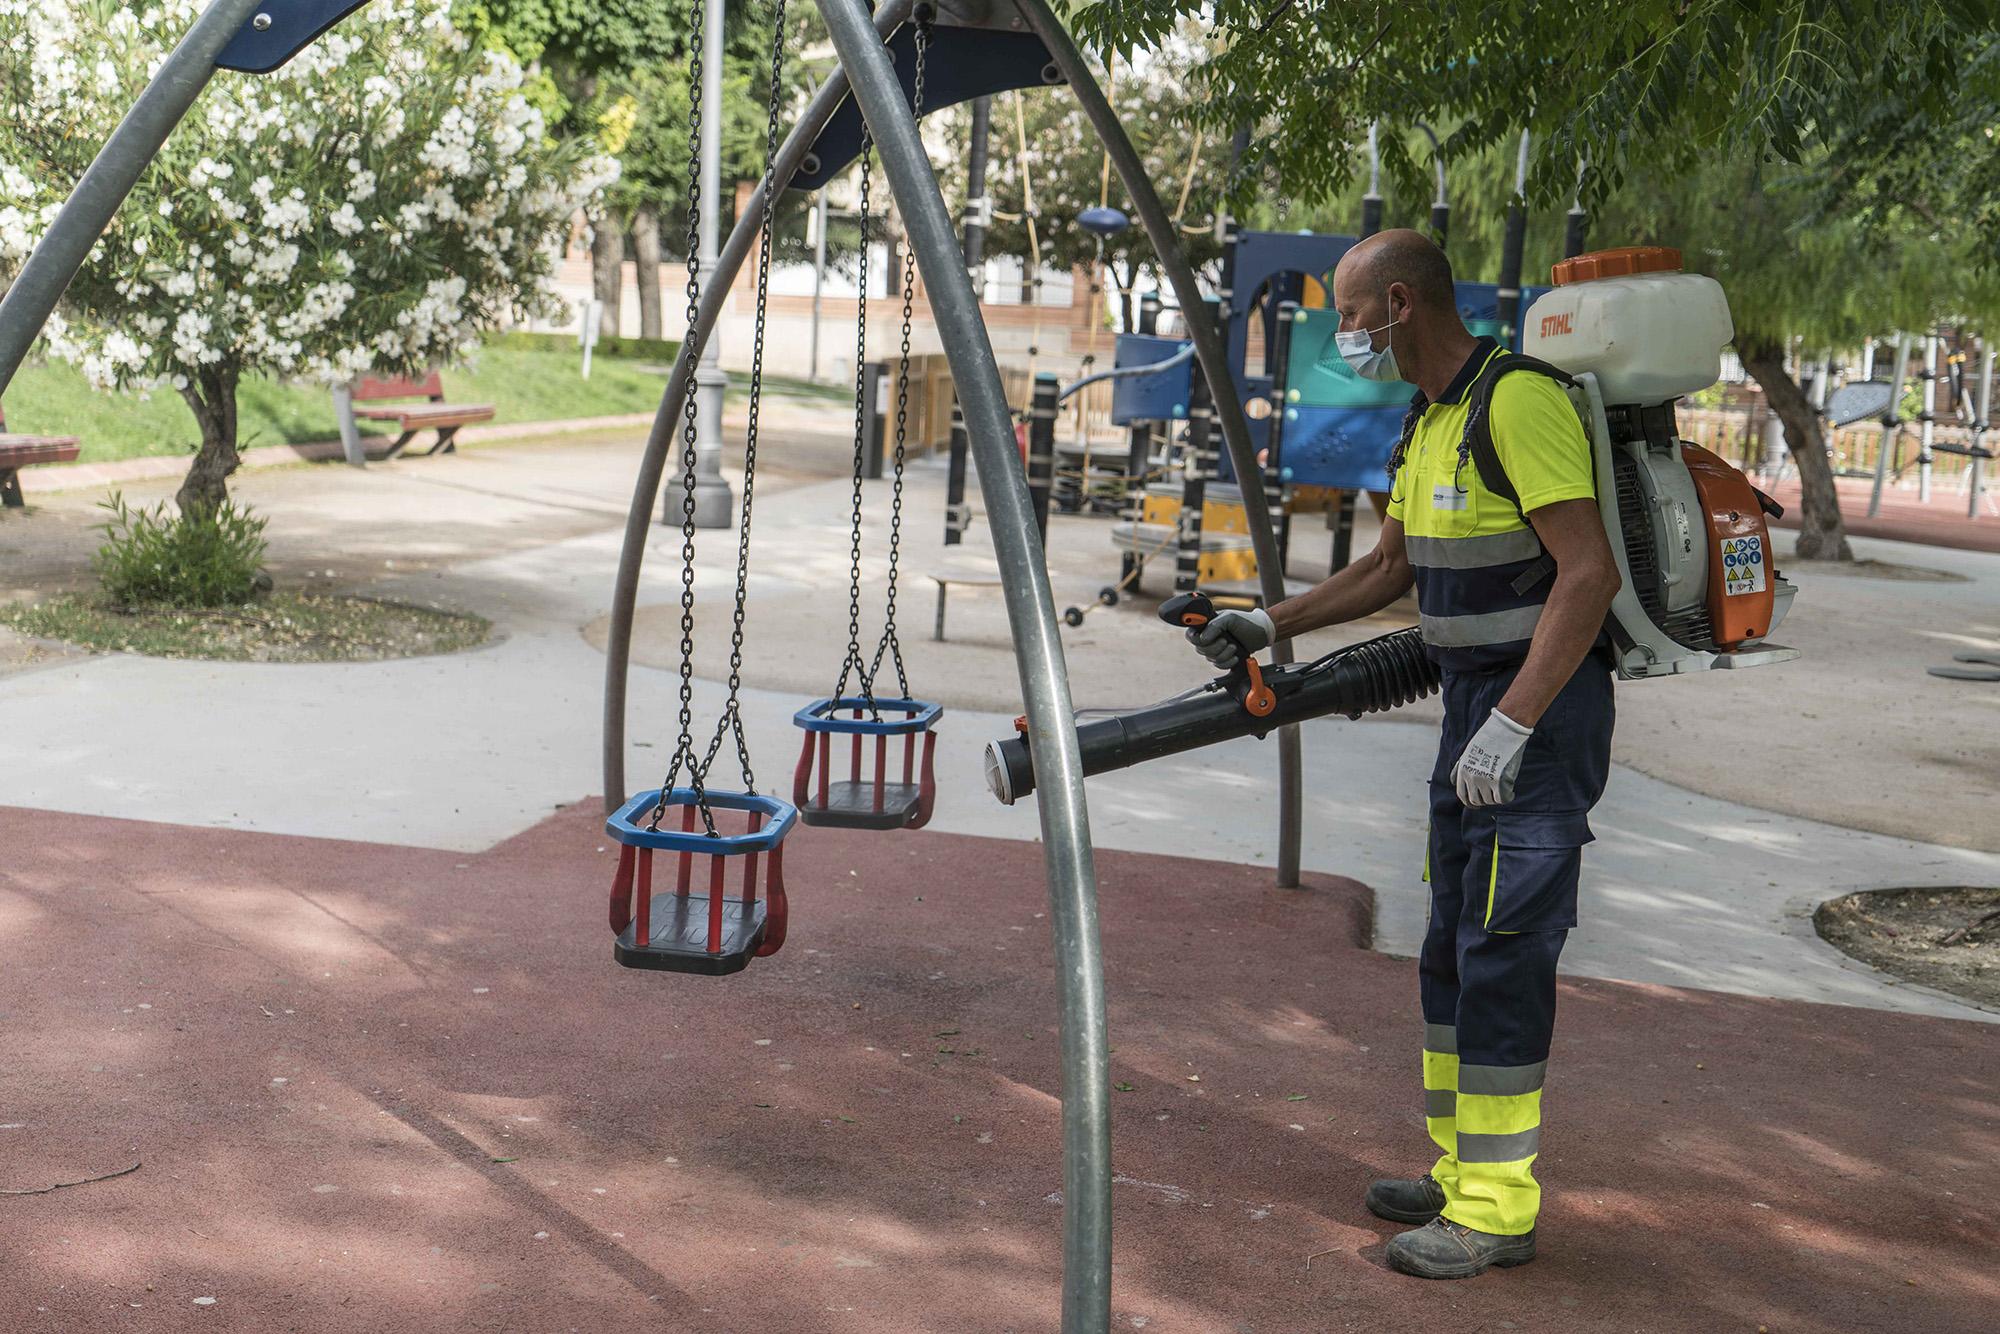 Limpieza del Parque de la Alameda. Foto: Carmelo Mateos